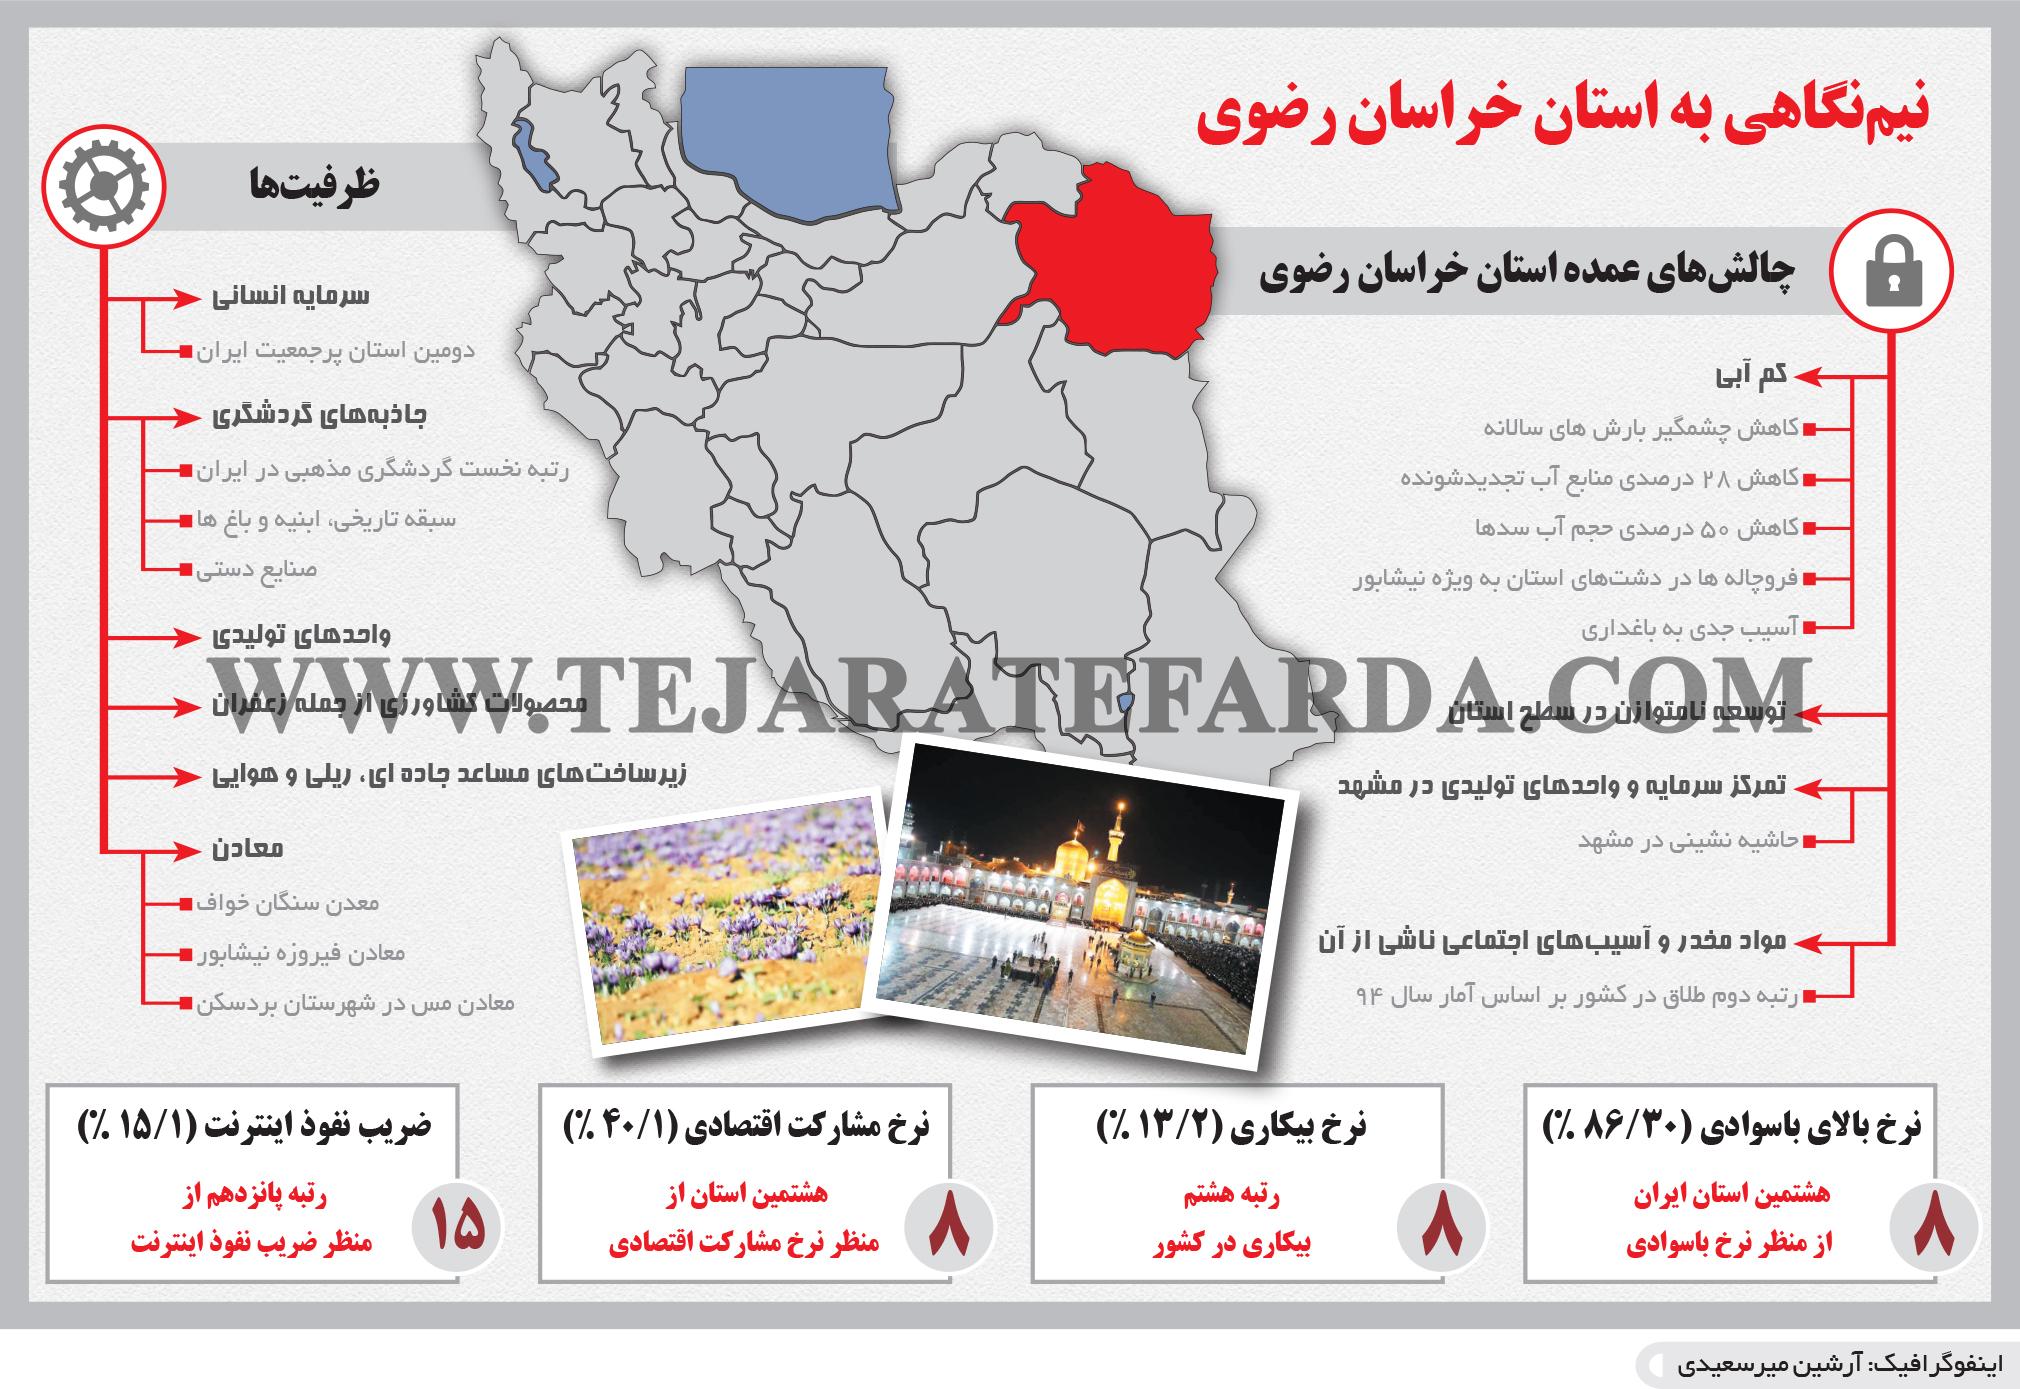 تجارت- فردا- نیمنگاهی به استان خراسان رضوی(اینفوگرافیک)